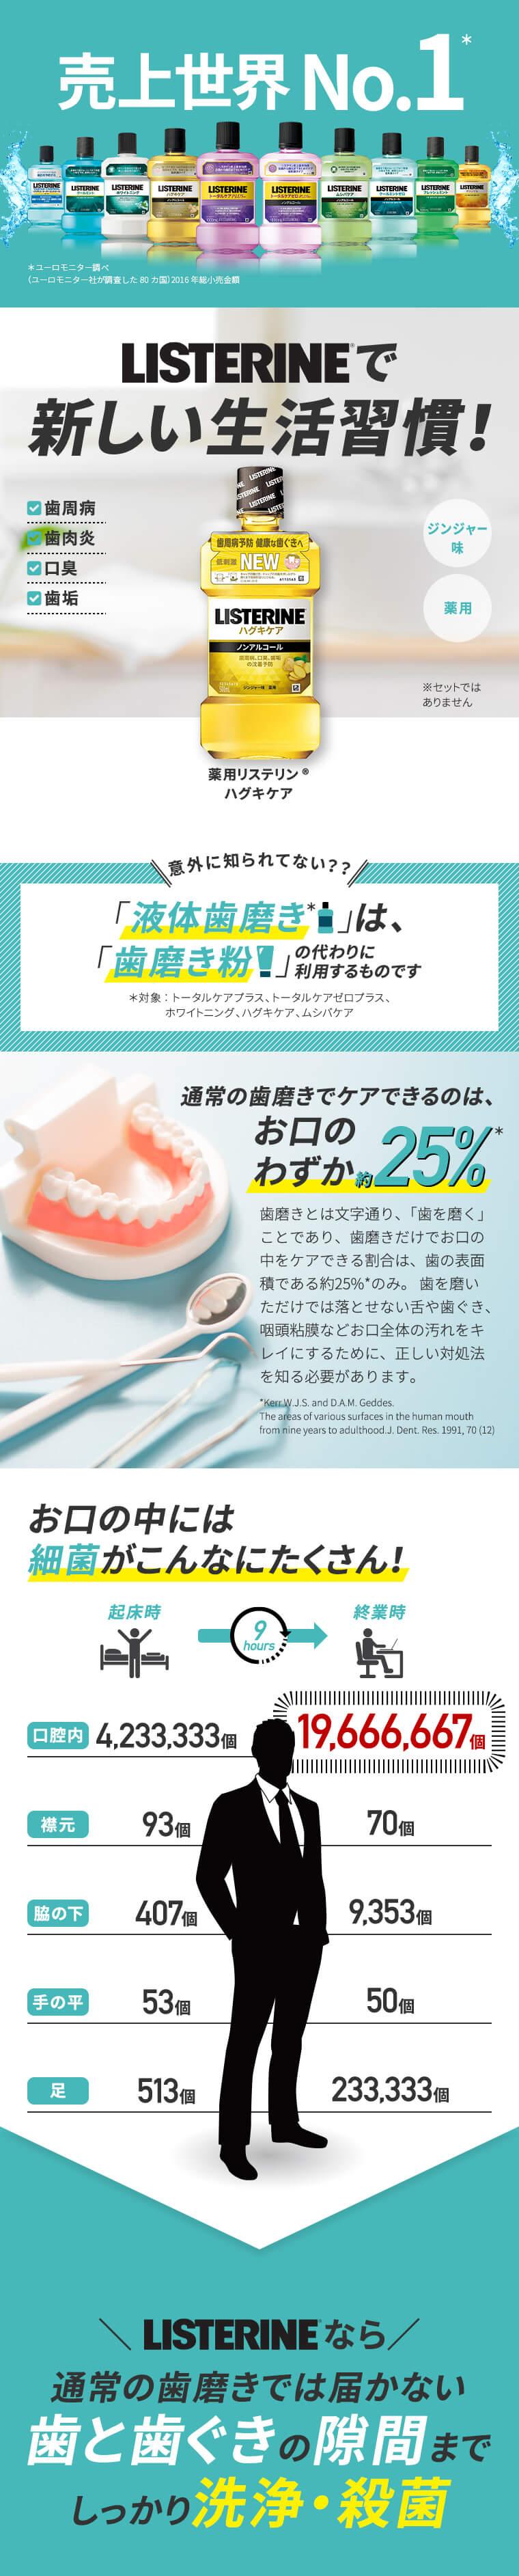 病 周 リステリン 歯